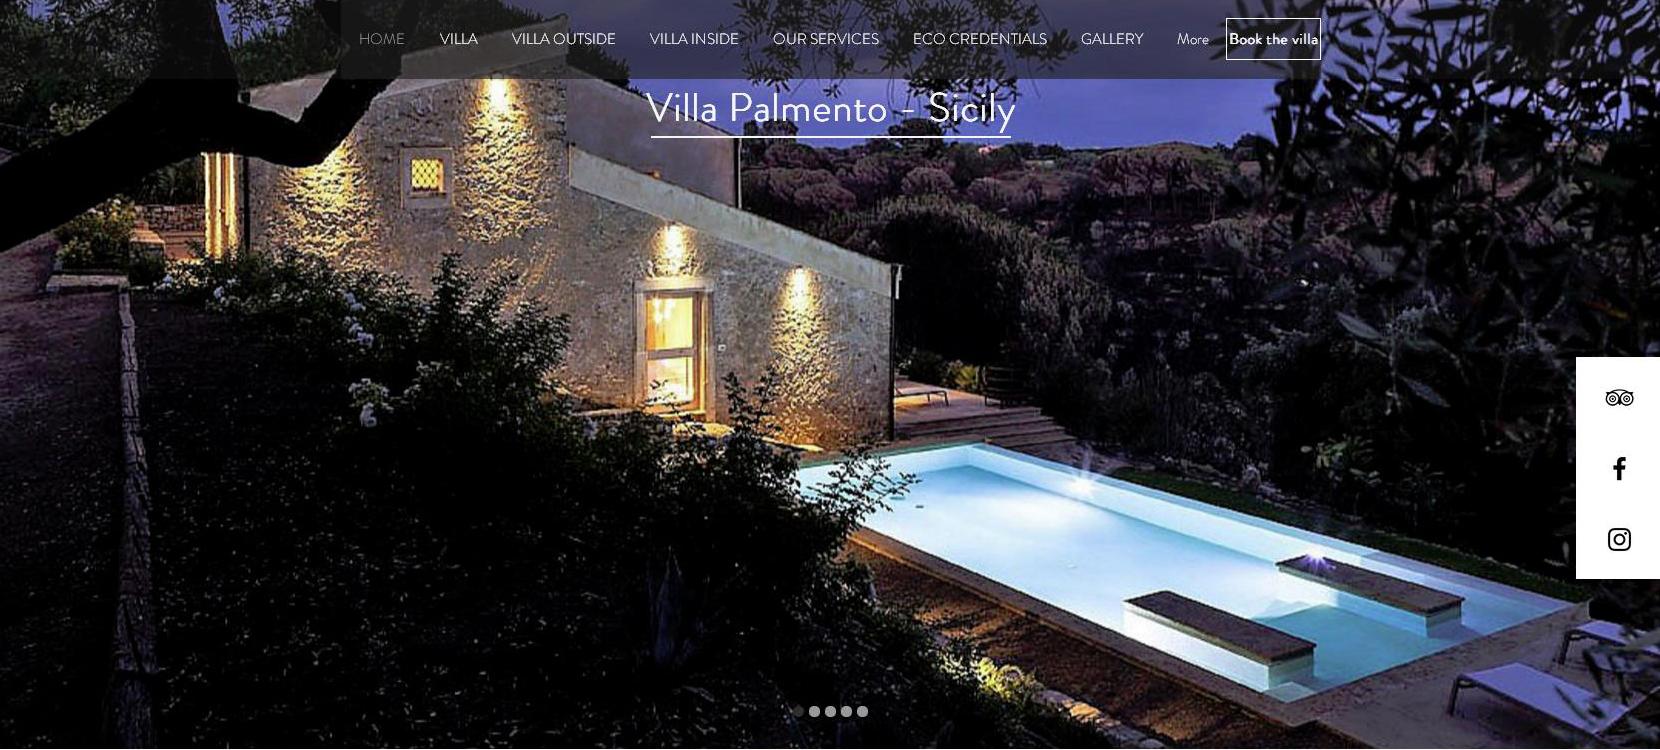 servizi fotografici alberghi, hotel, bed&breakfast e altre strutture ricettive